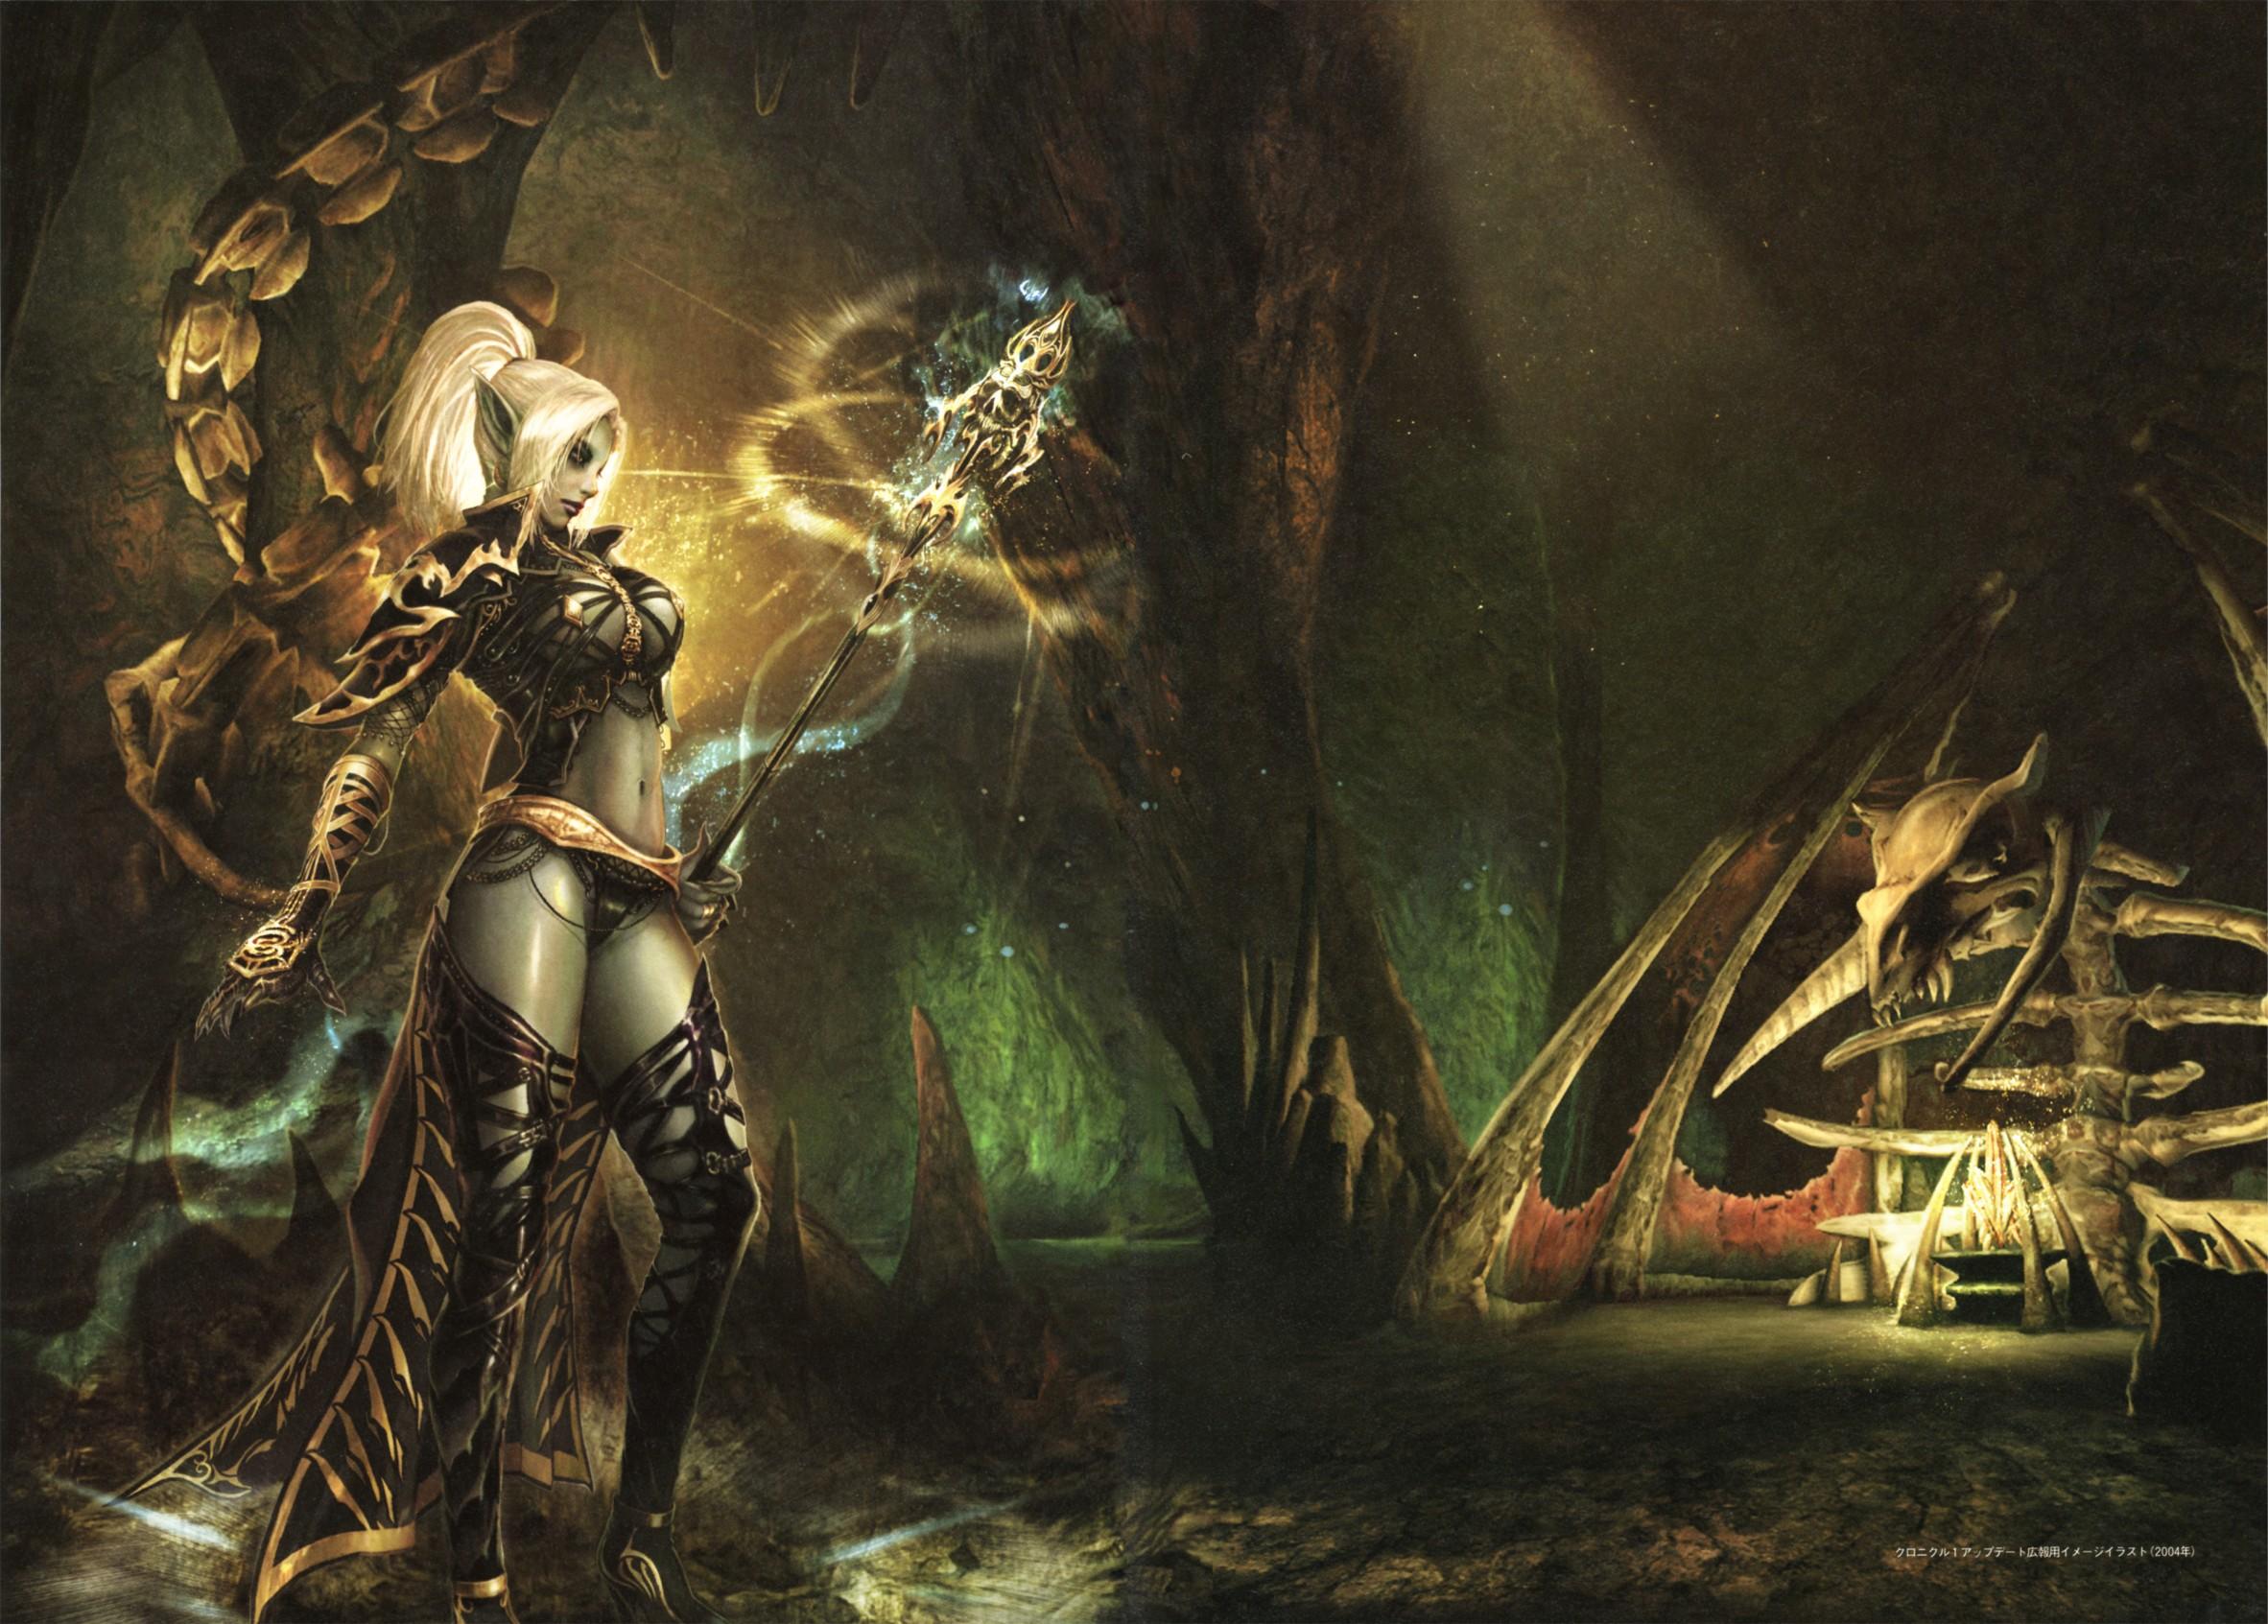 dark elf Video Game Wallpaper Background 46803 2364x1693